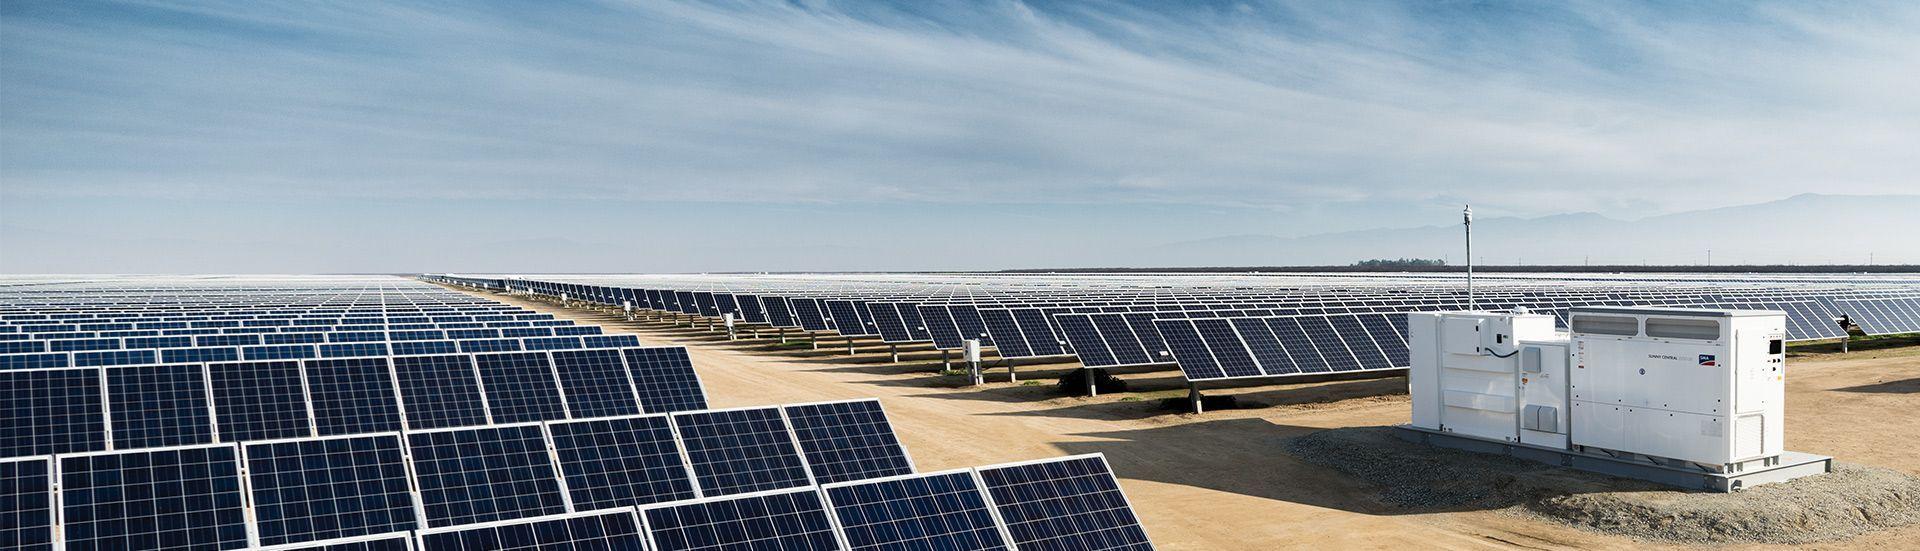 劳斯莱斯、Fluence、杜克能源正为三大洲的微电网项目提供电池储能系统